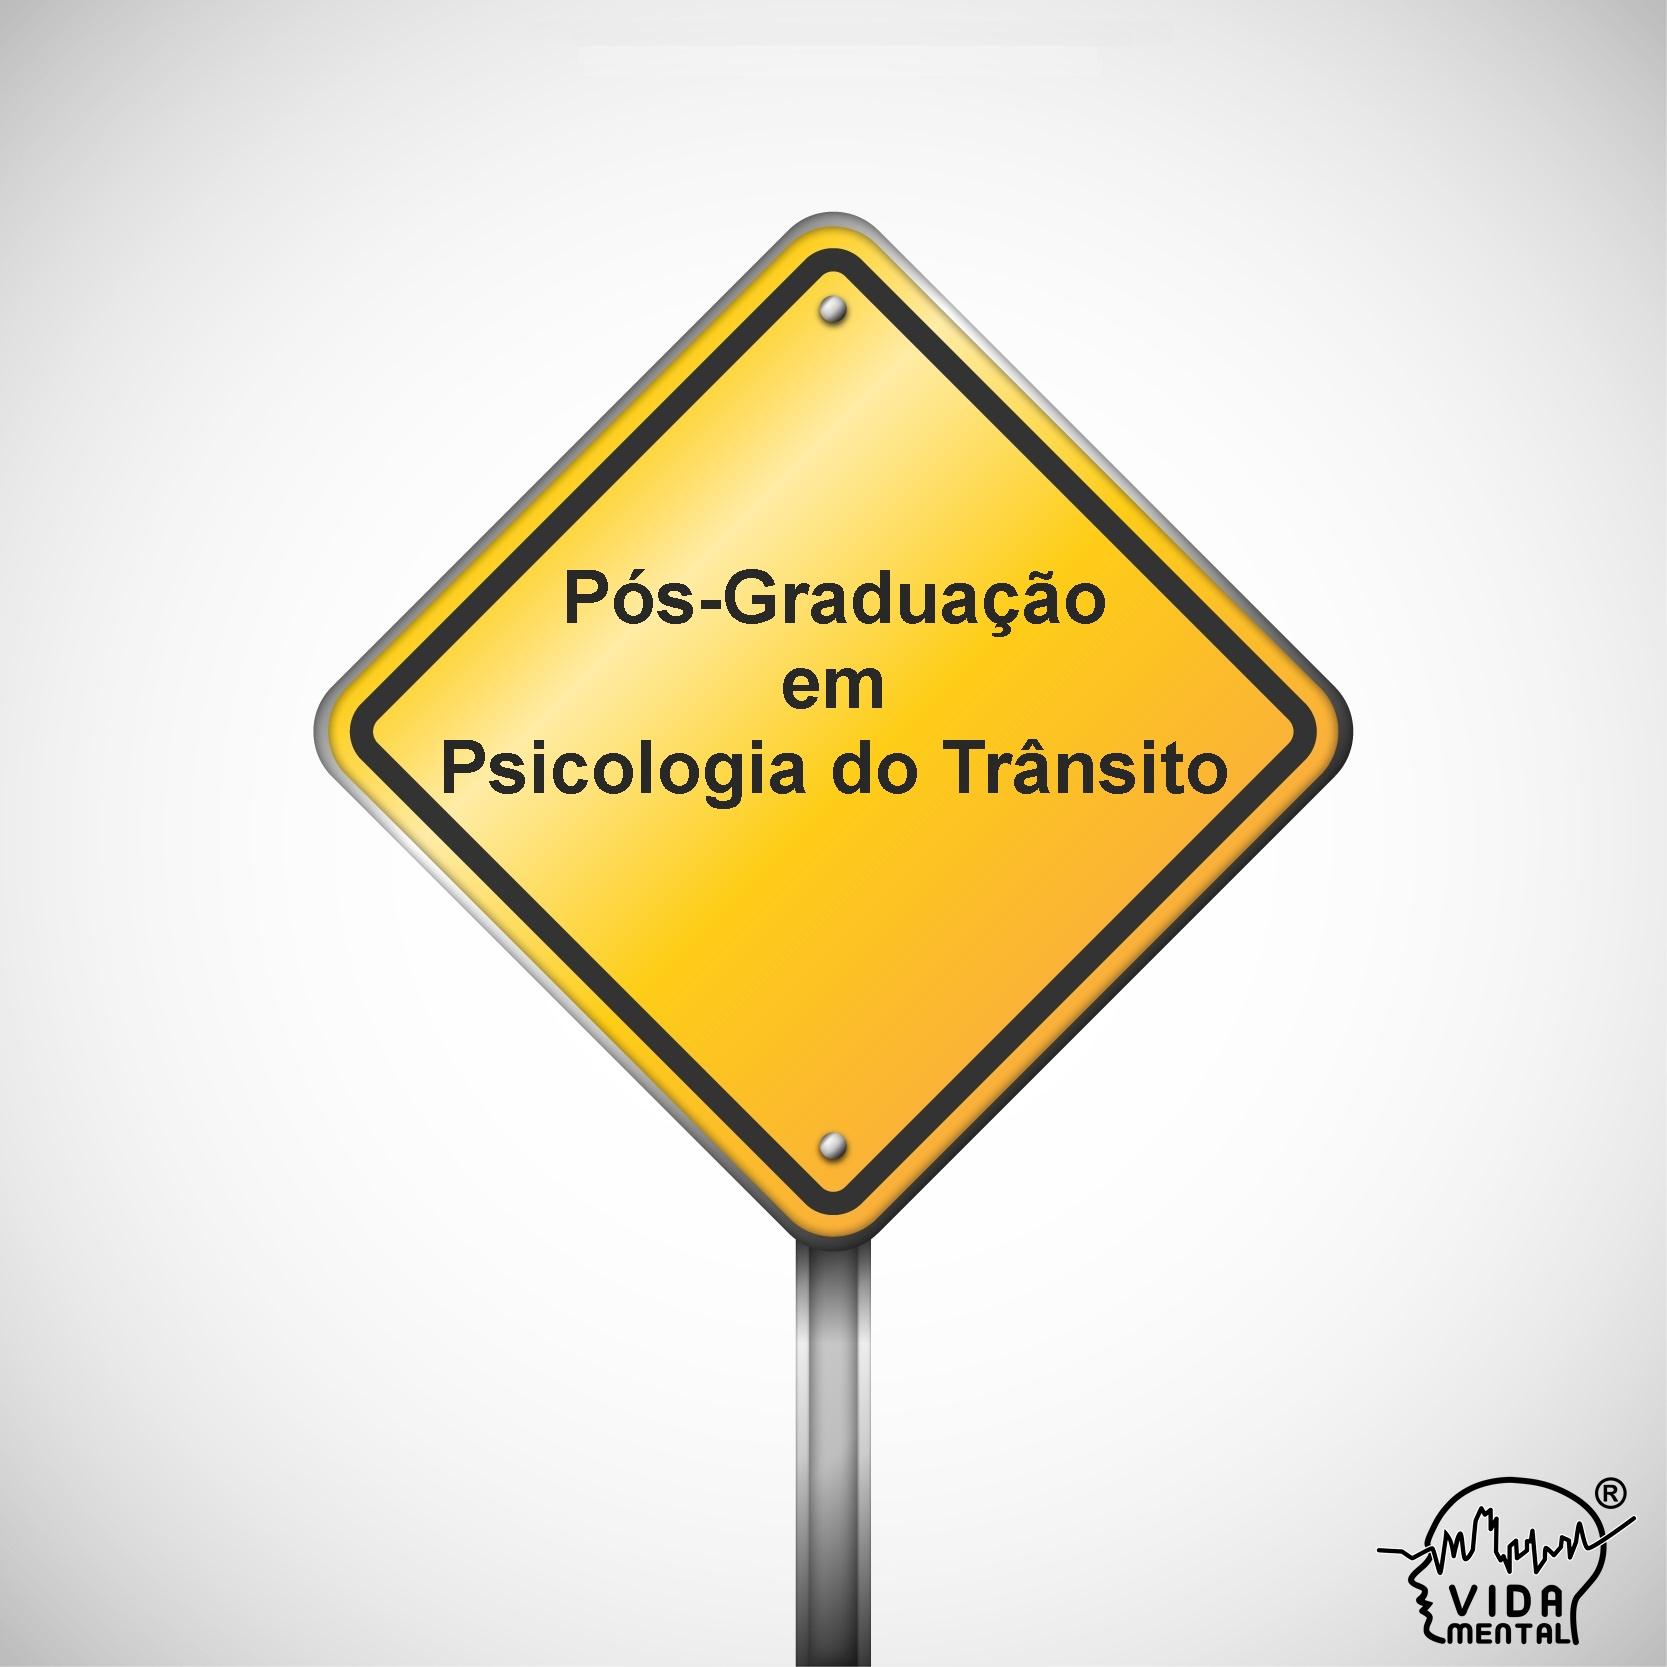 Pós-Graduação em Psicologia do Trânsito - UNIP/Vida Mental